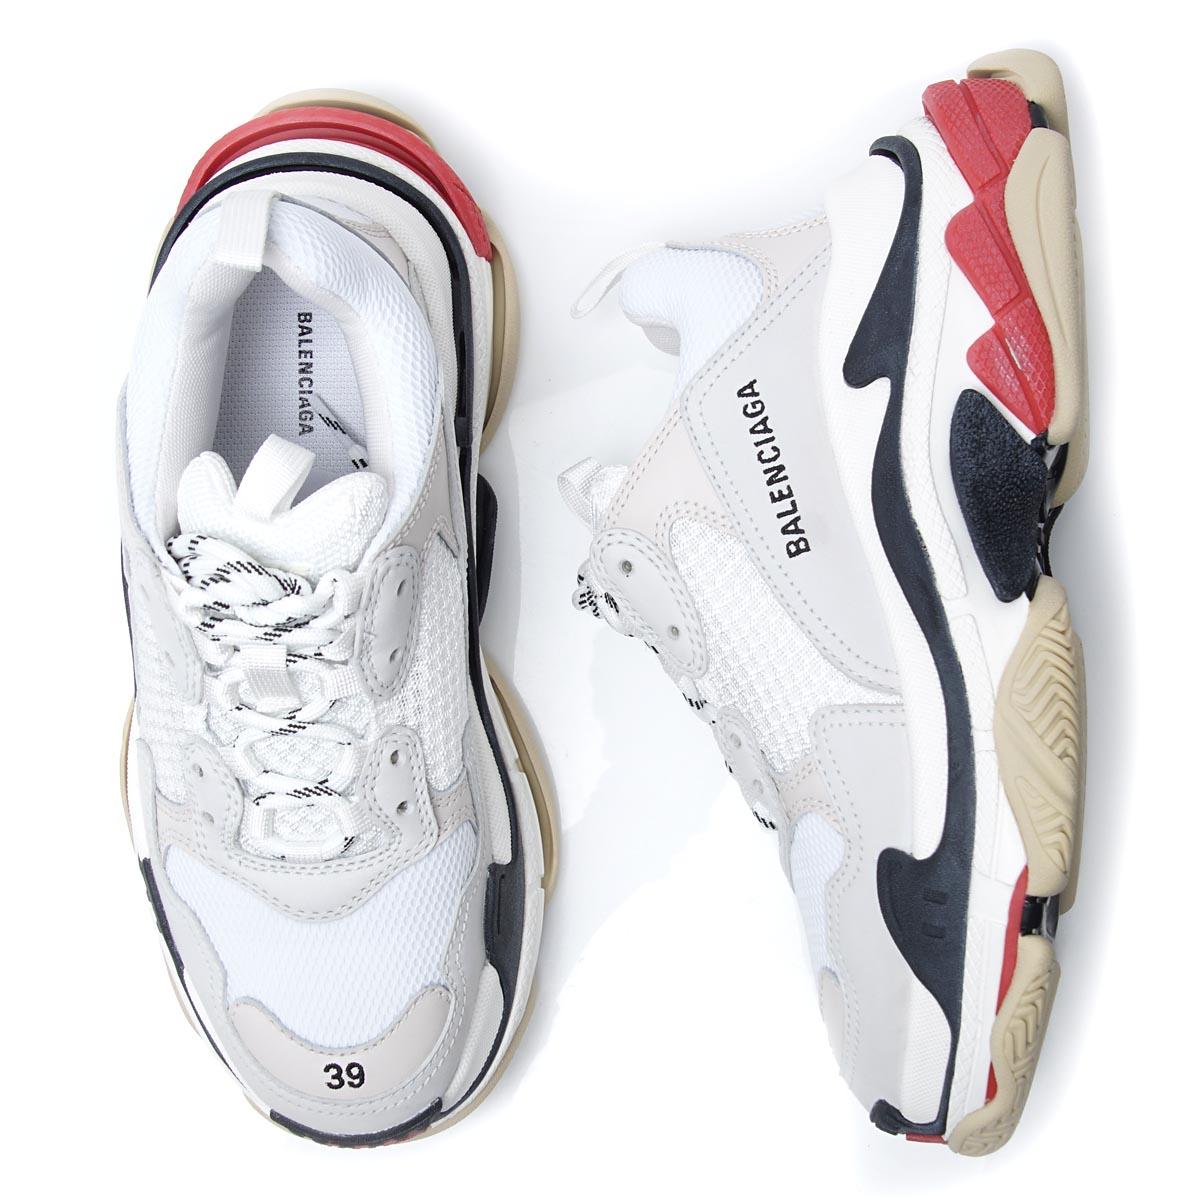 バレンシアガ BALENCIAGA スニーカー ホワイト メンズ シューズ 靴 カジュアル 大きいサイズあり 533882 w09e1 9000 TRIPLE S トリプルS【あす楽対応_関東】【返品送料無料】【ラッピング無料】